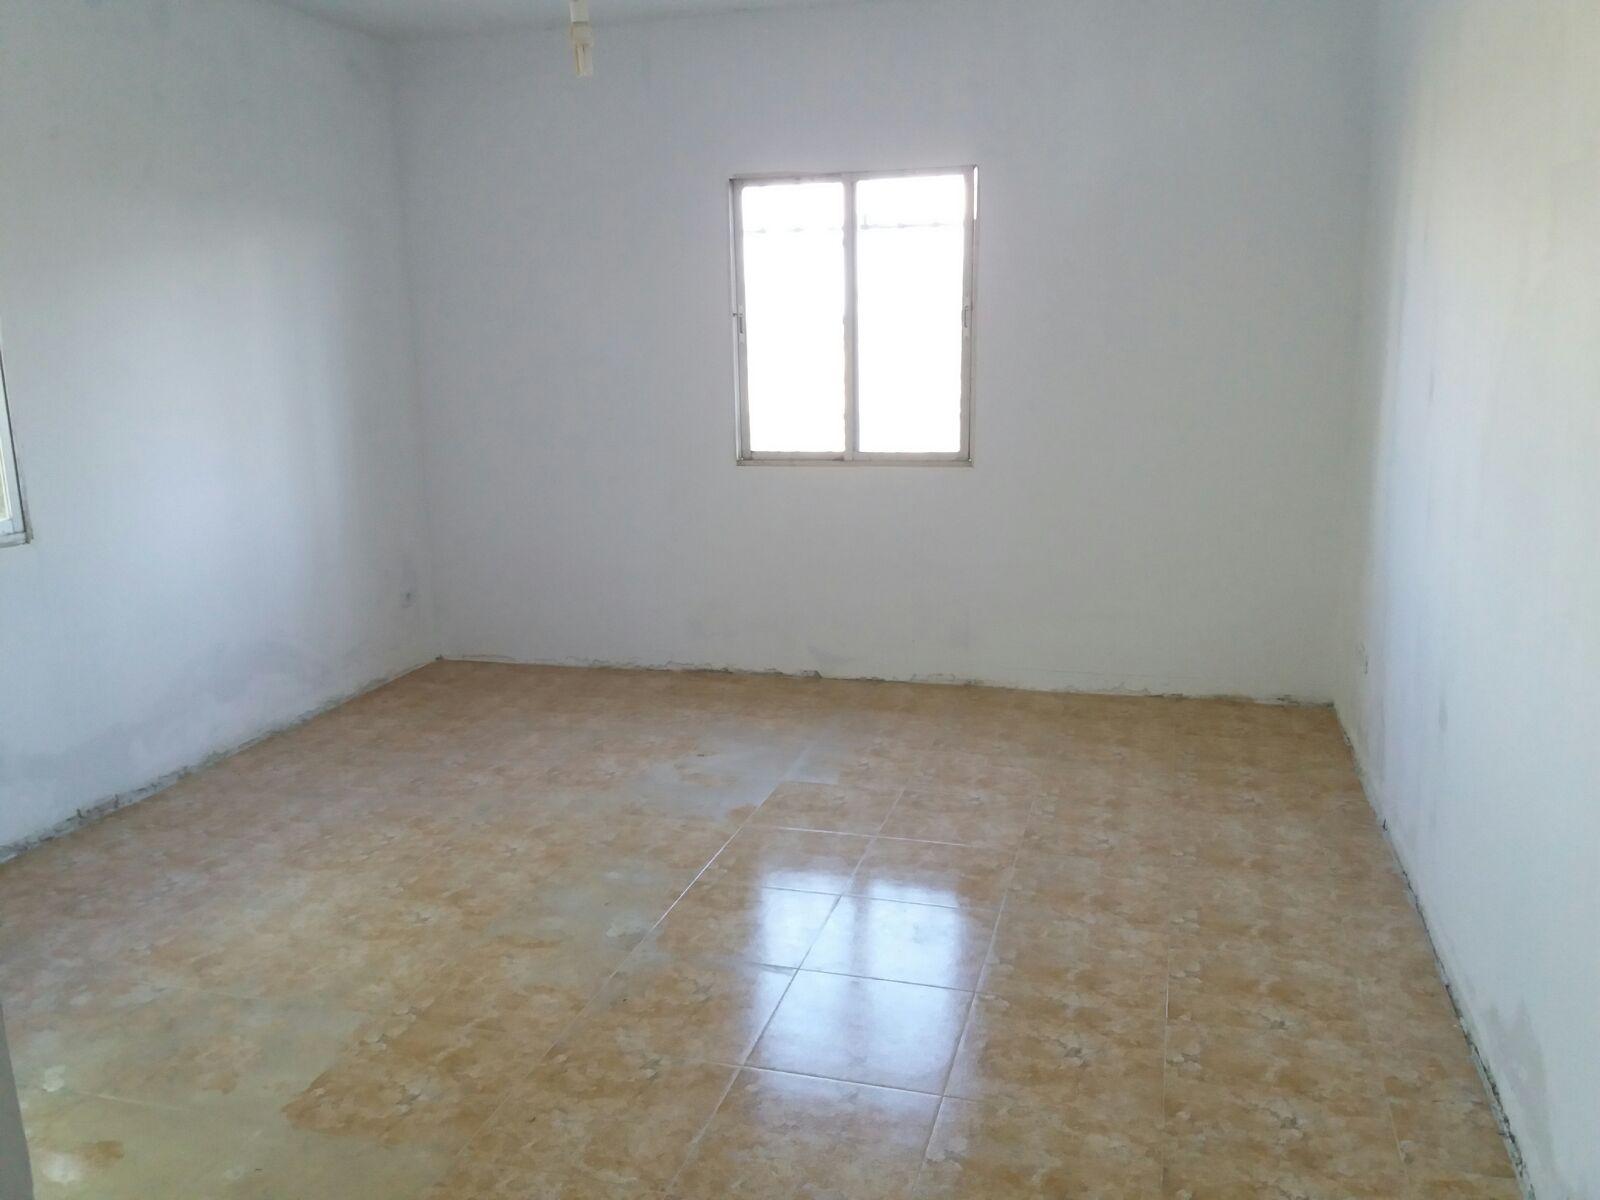 Casa en venta en Colmenar de Oreja, Madrid, Calle Camino Cristo, 72.000 €, 3 habitaciones, 1 baño, 51 m2